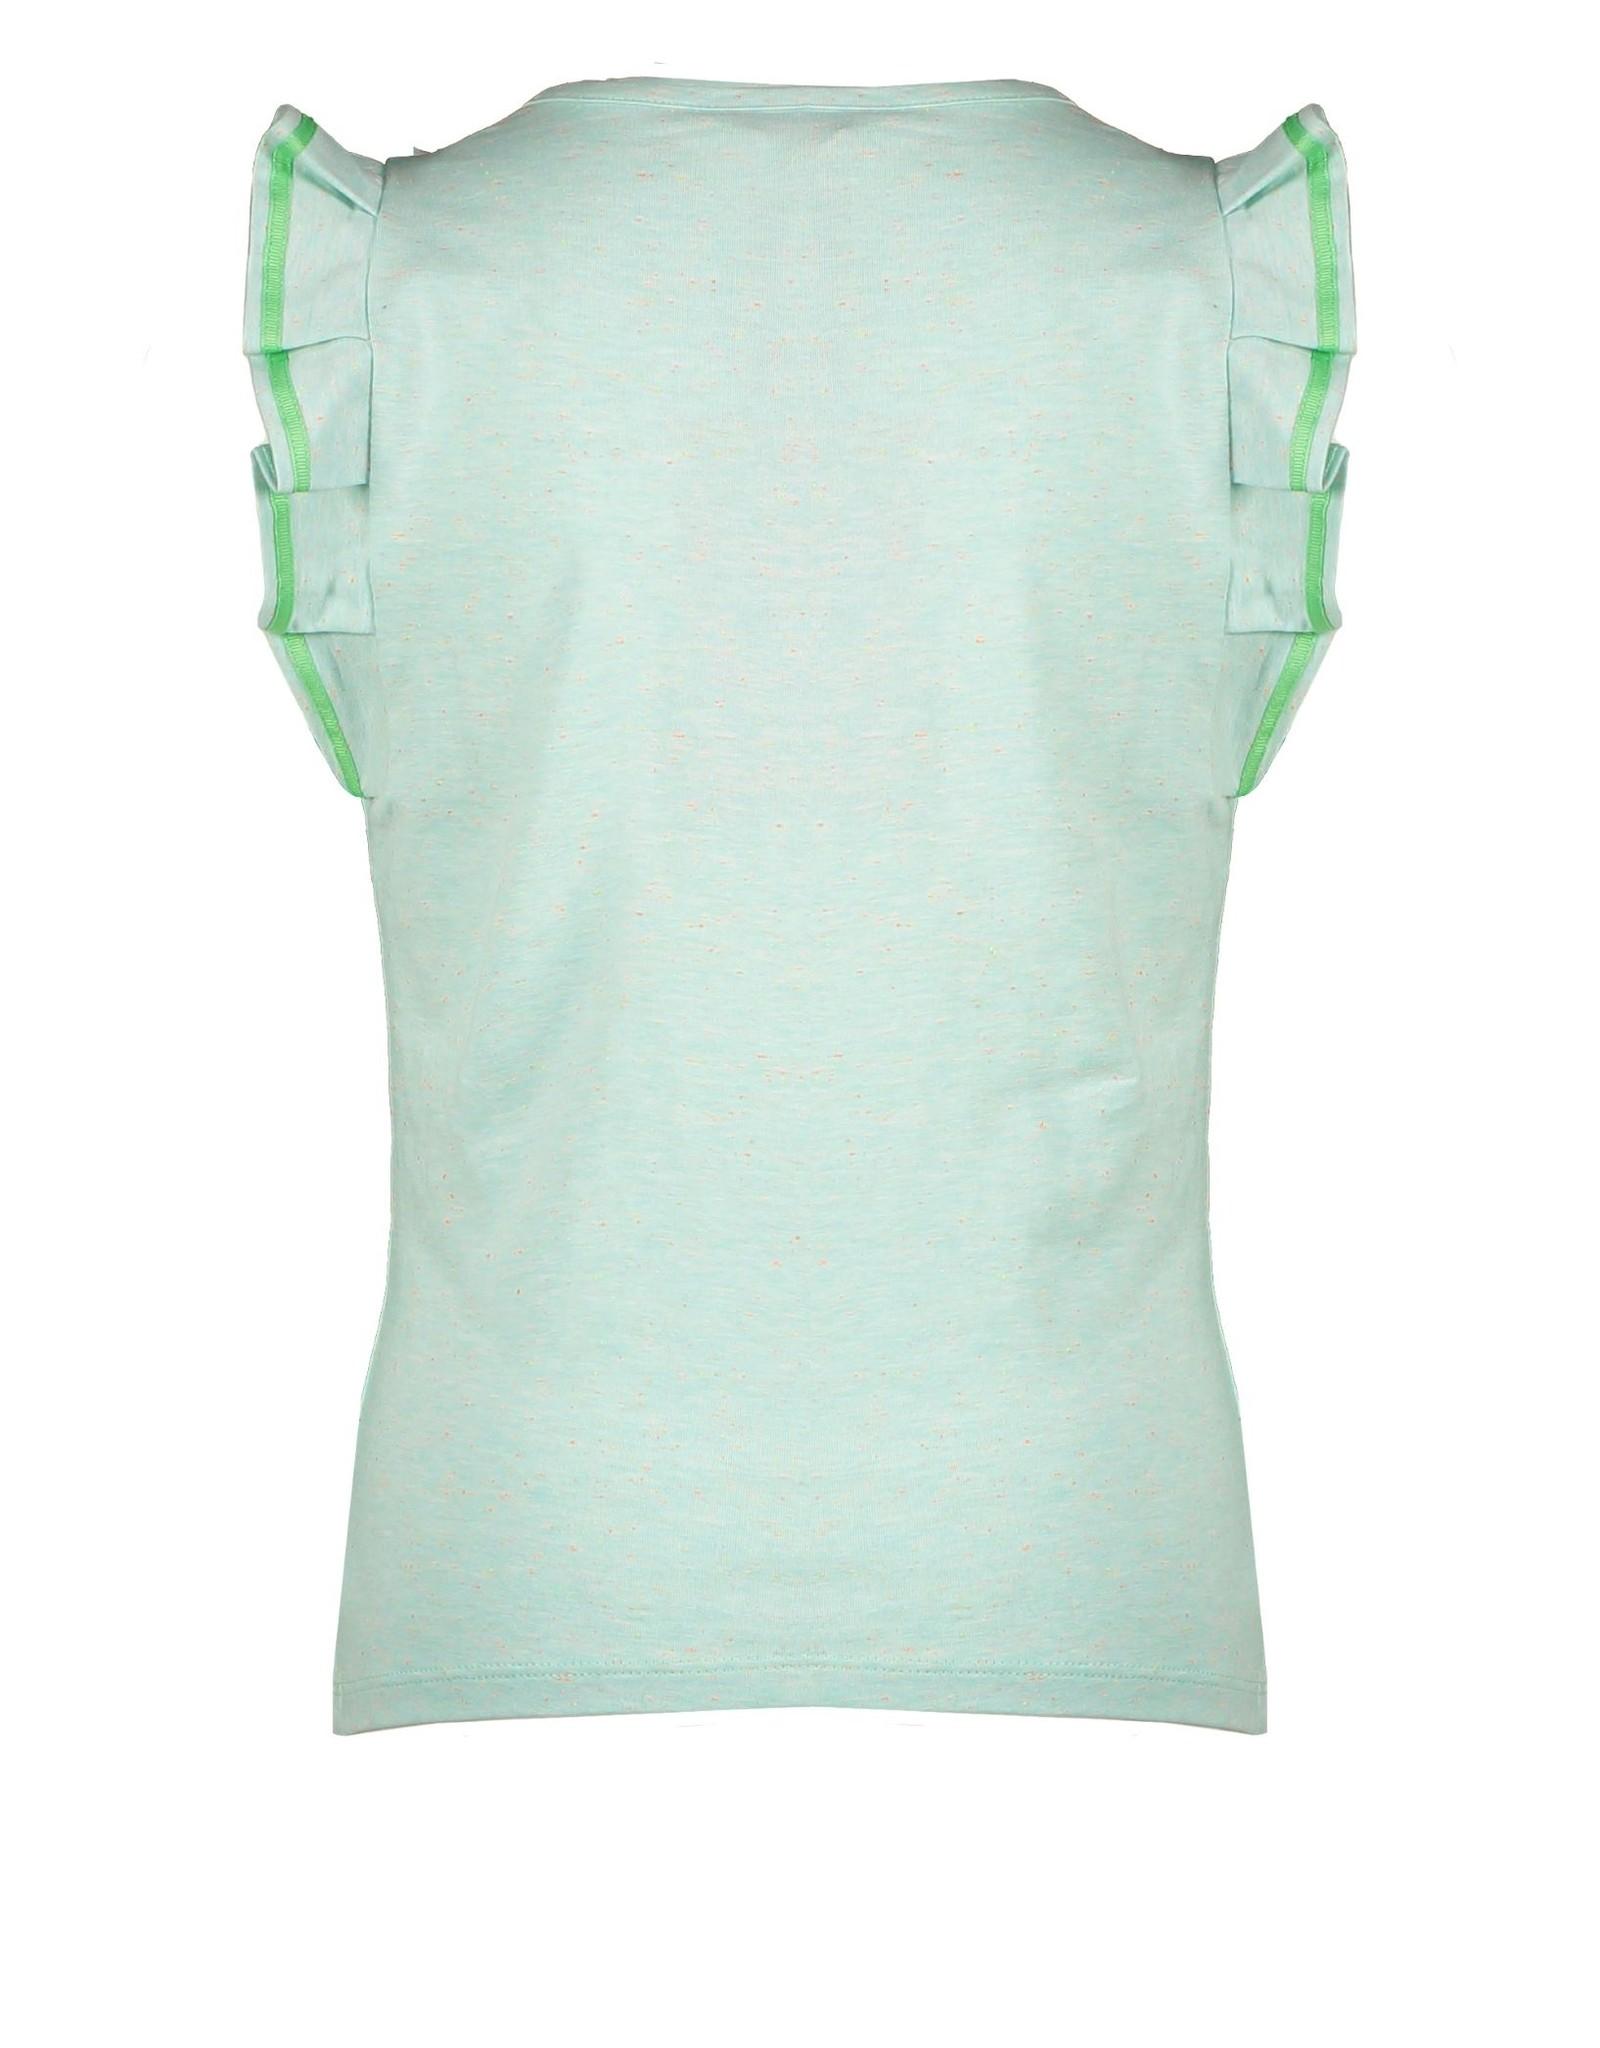 NONO NONO shirt 5404 mint